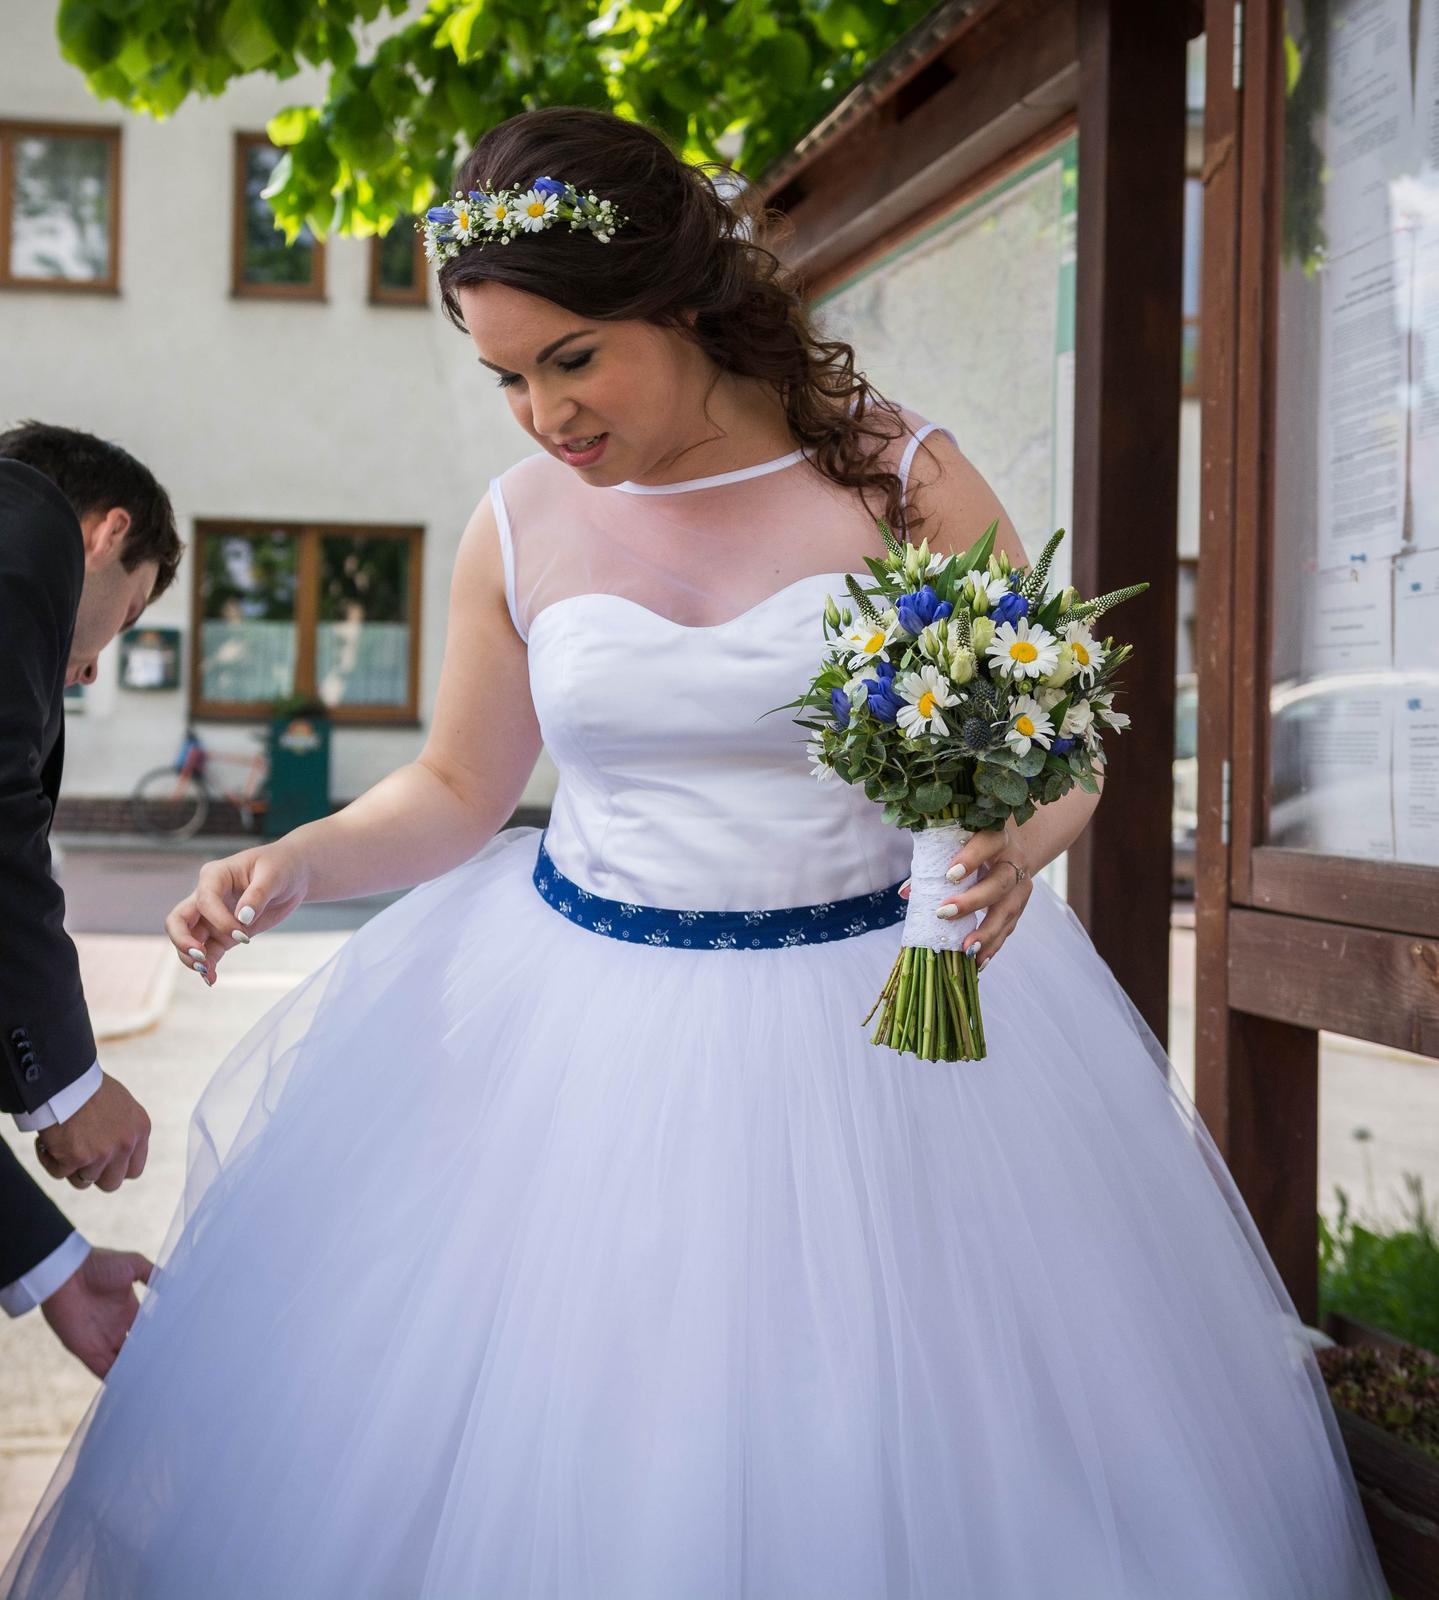 Originální svatební šaty s folklorním motivem - Obrázek č. 1